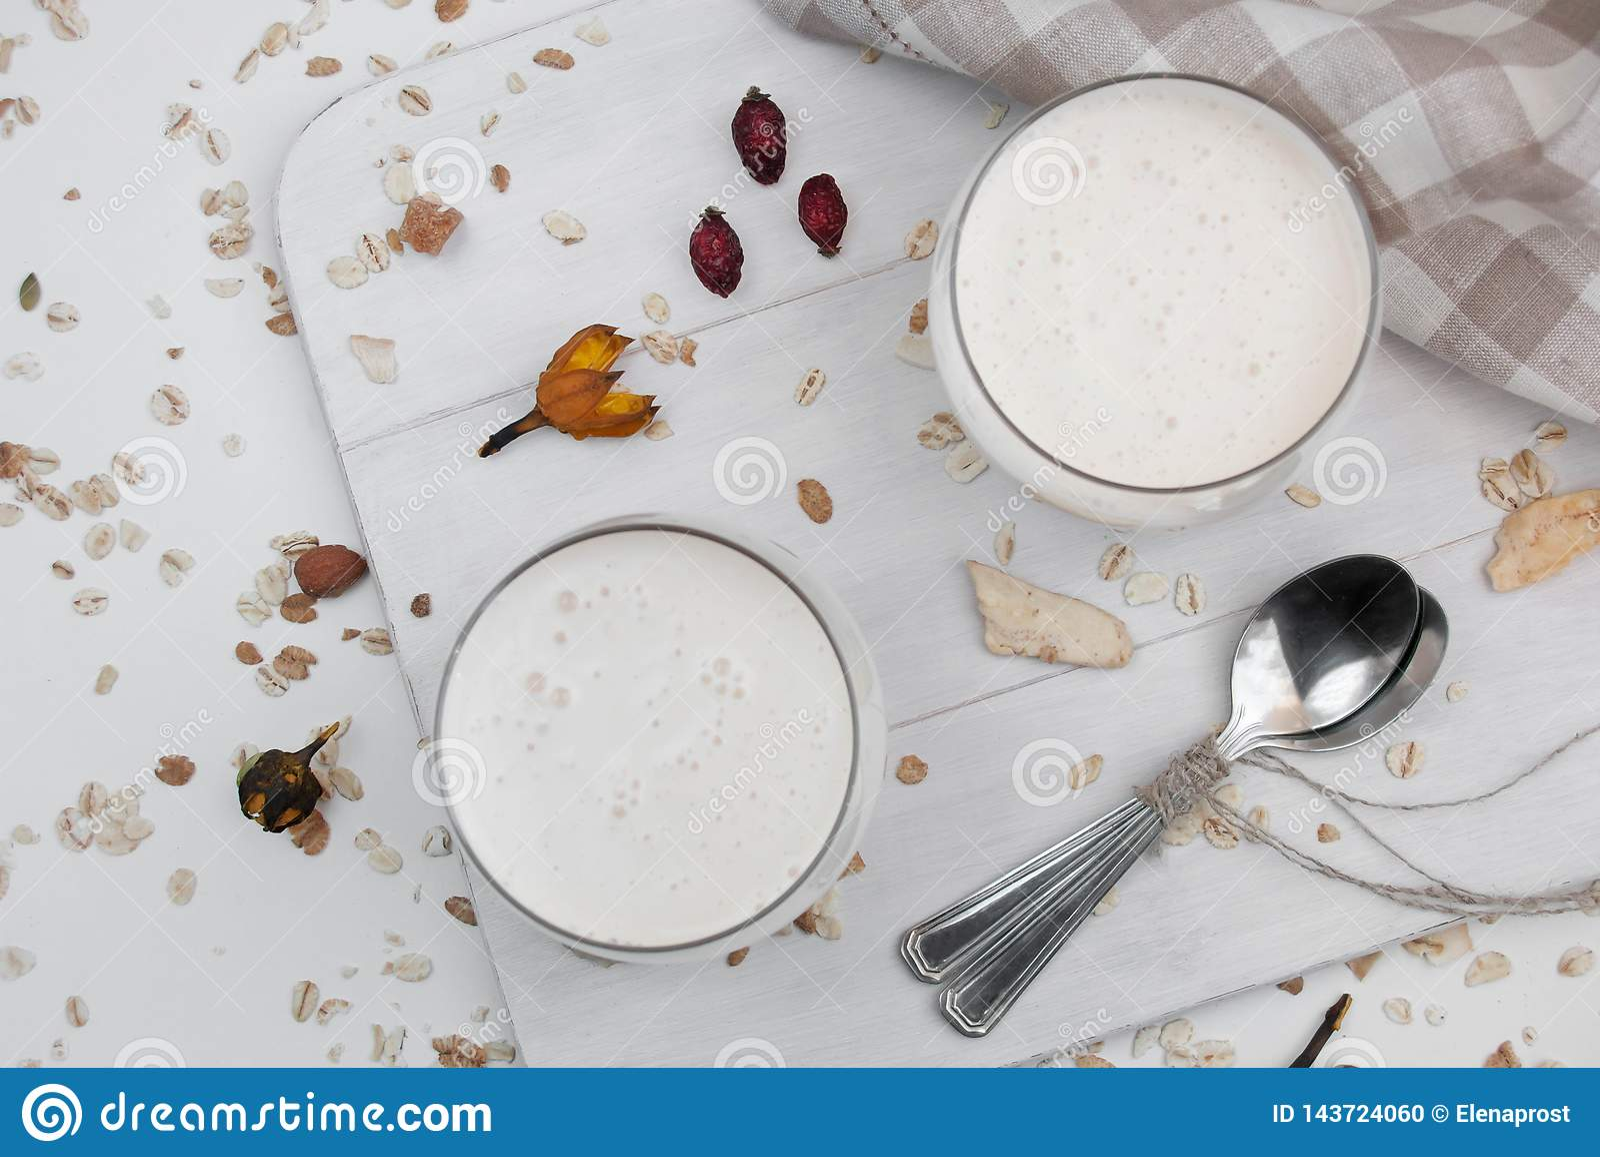 Fermentujący Piec Dojny napój, Ryazhenka, kuchnia, rosjanina i kniaź, kefir, bakteryjny fermentacja starter w szkle na bielu